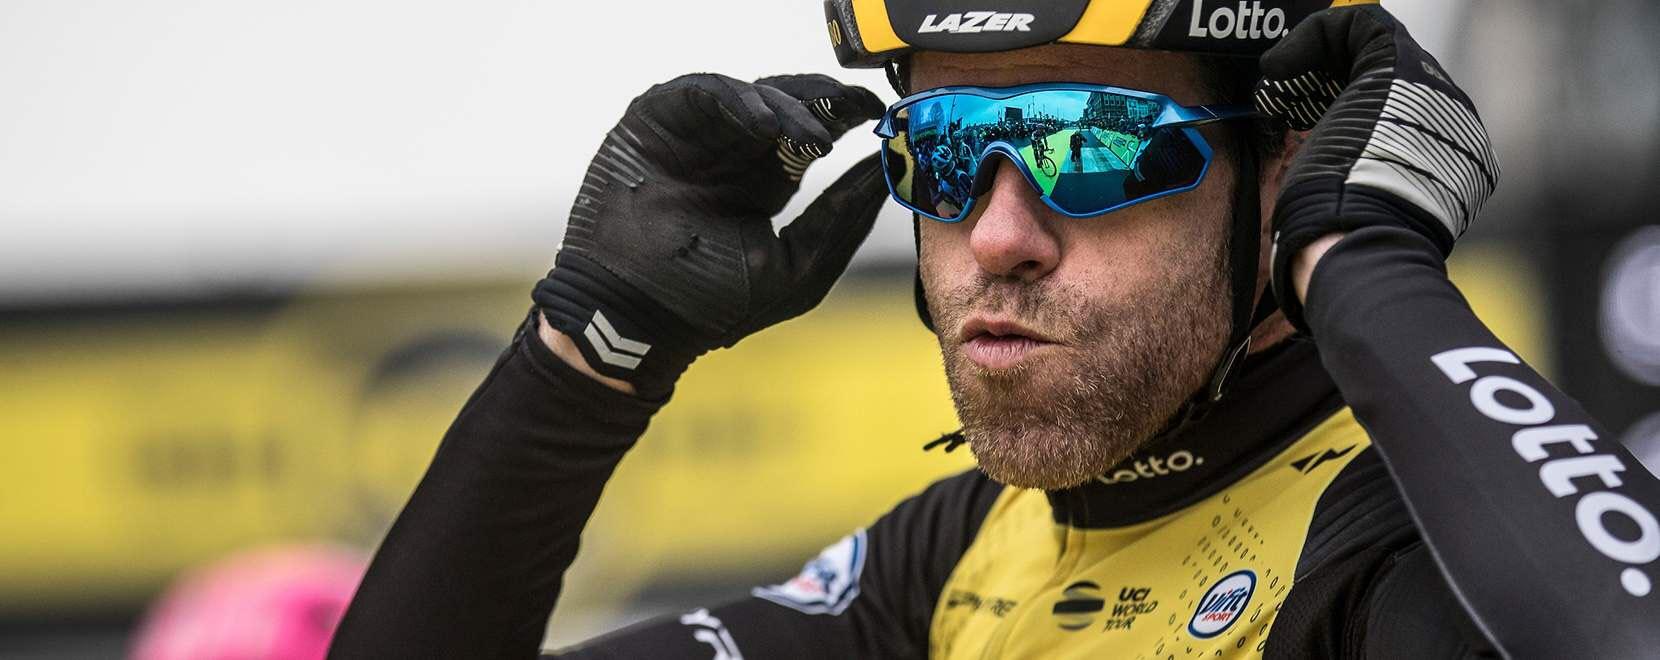 GRATIS Ridercards wielerploeg LottoNL-Jumbo